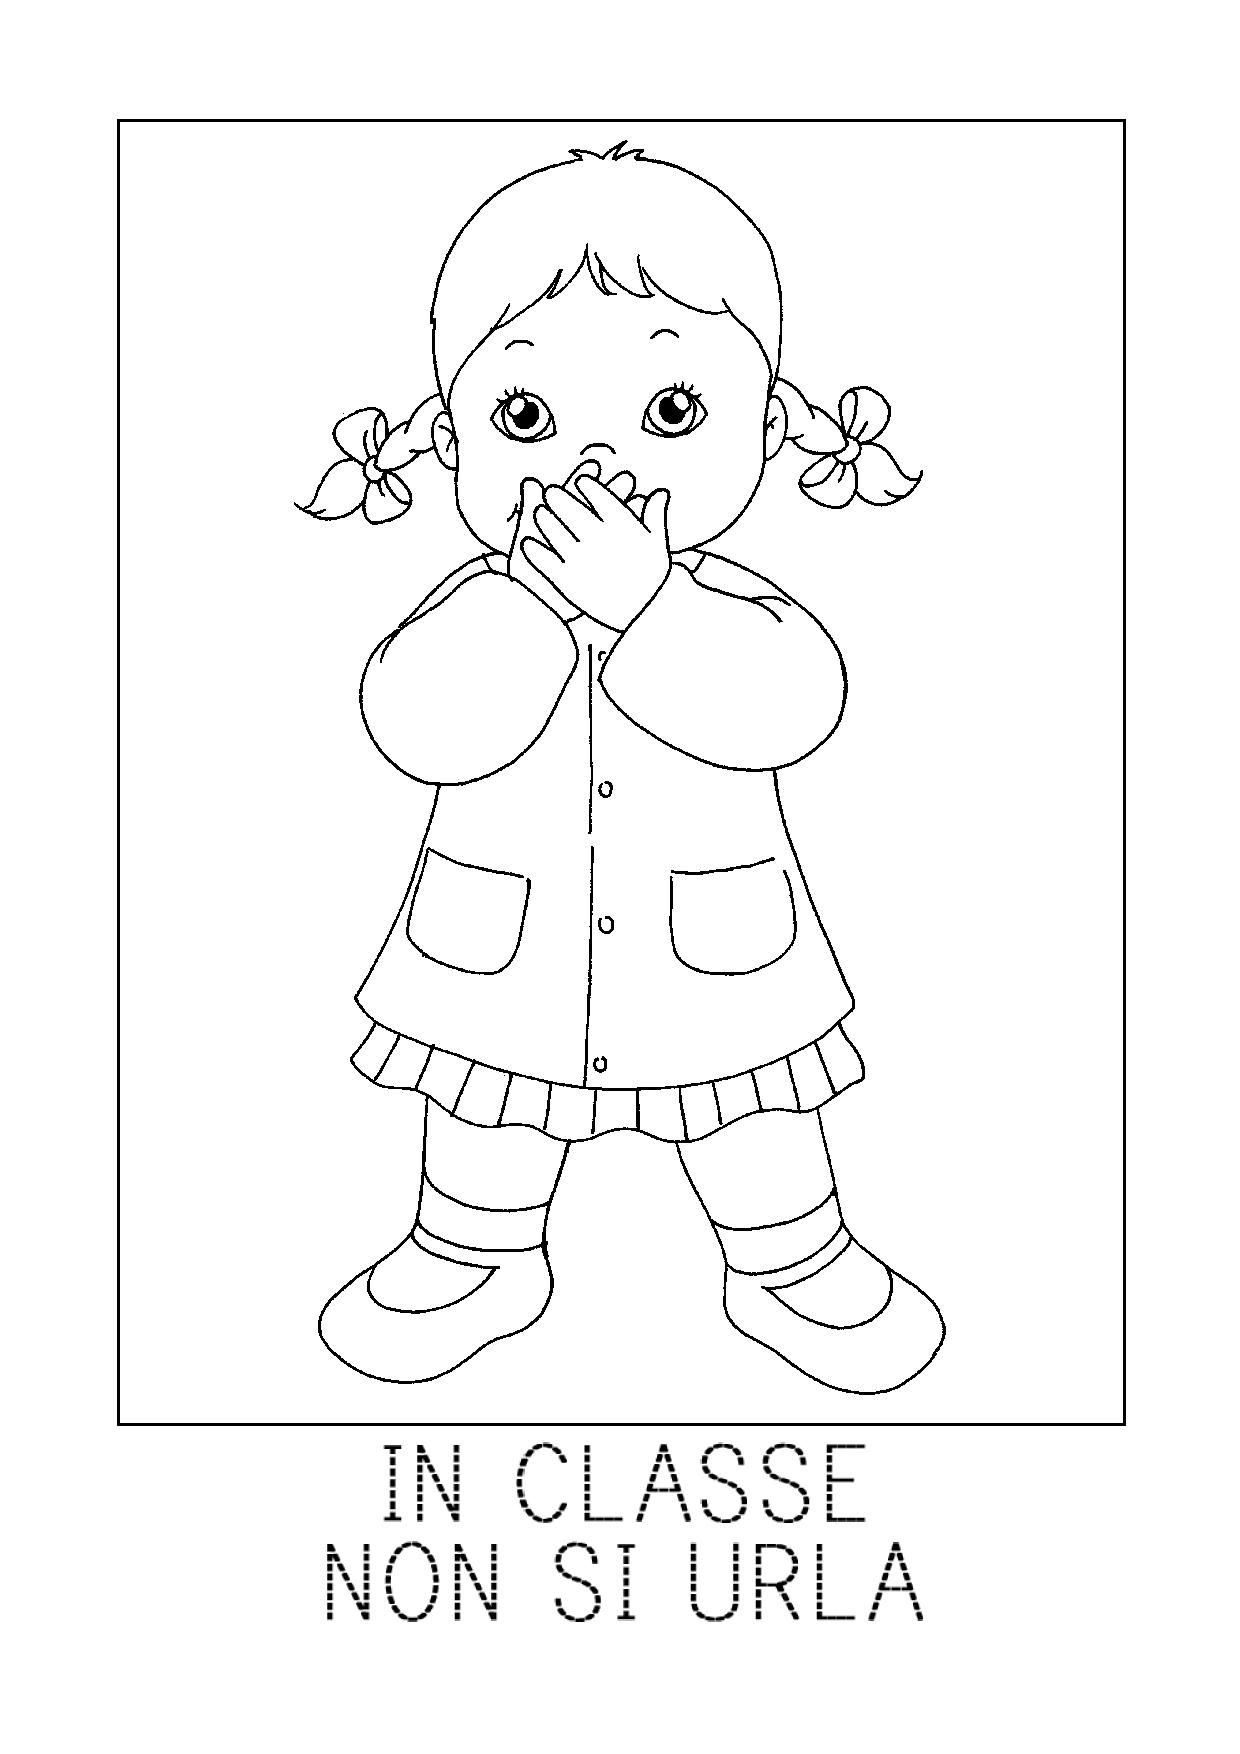 Pz c disegni da colorare for Foto per bambini da colorare